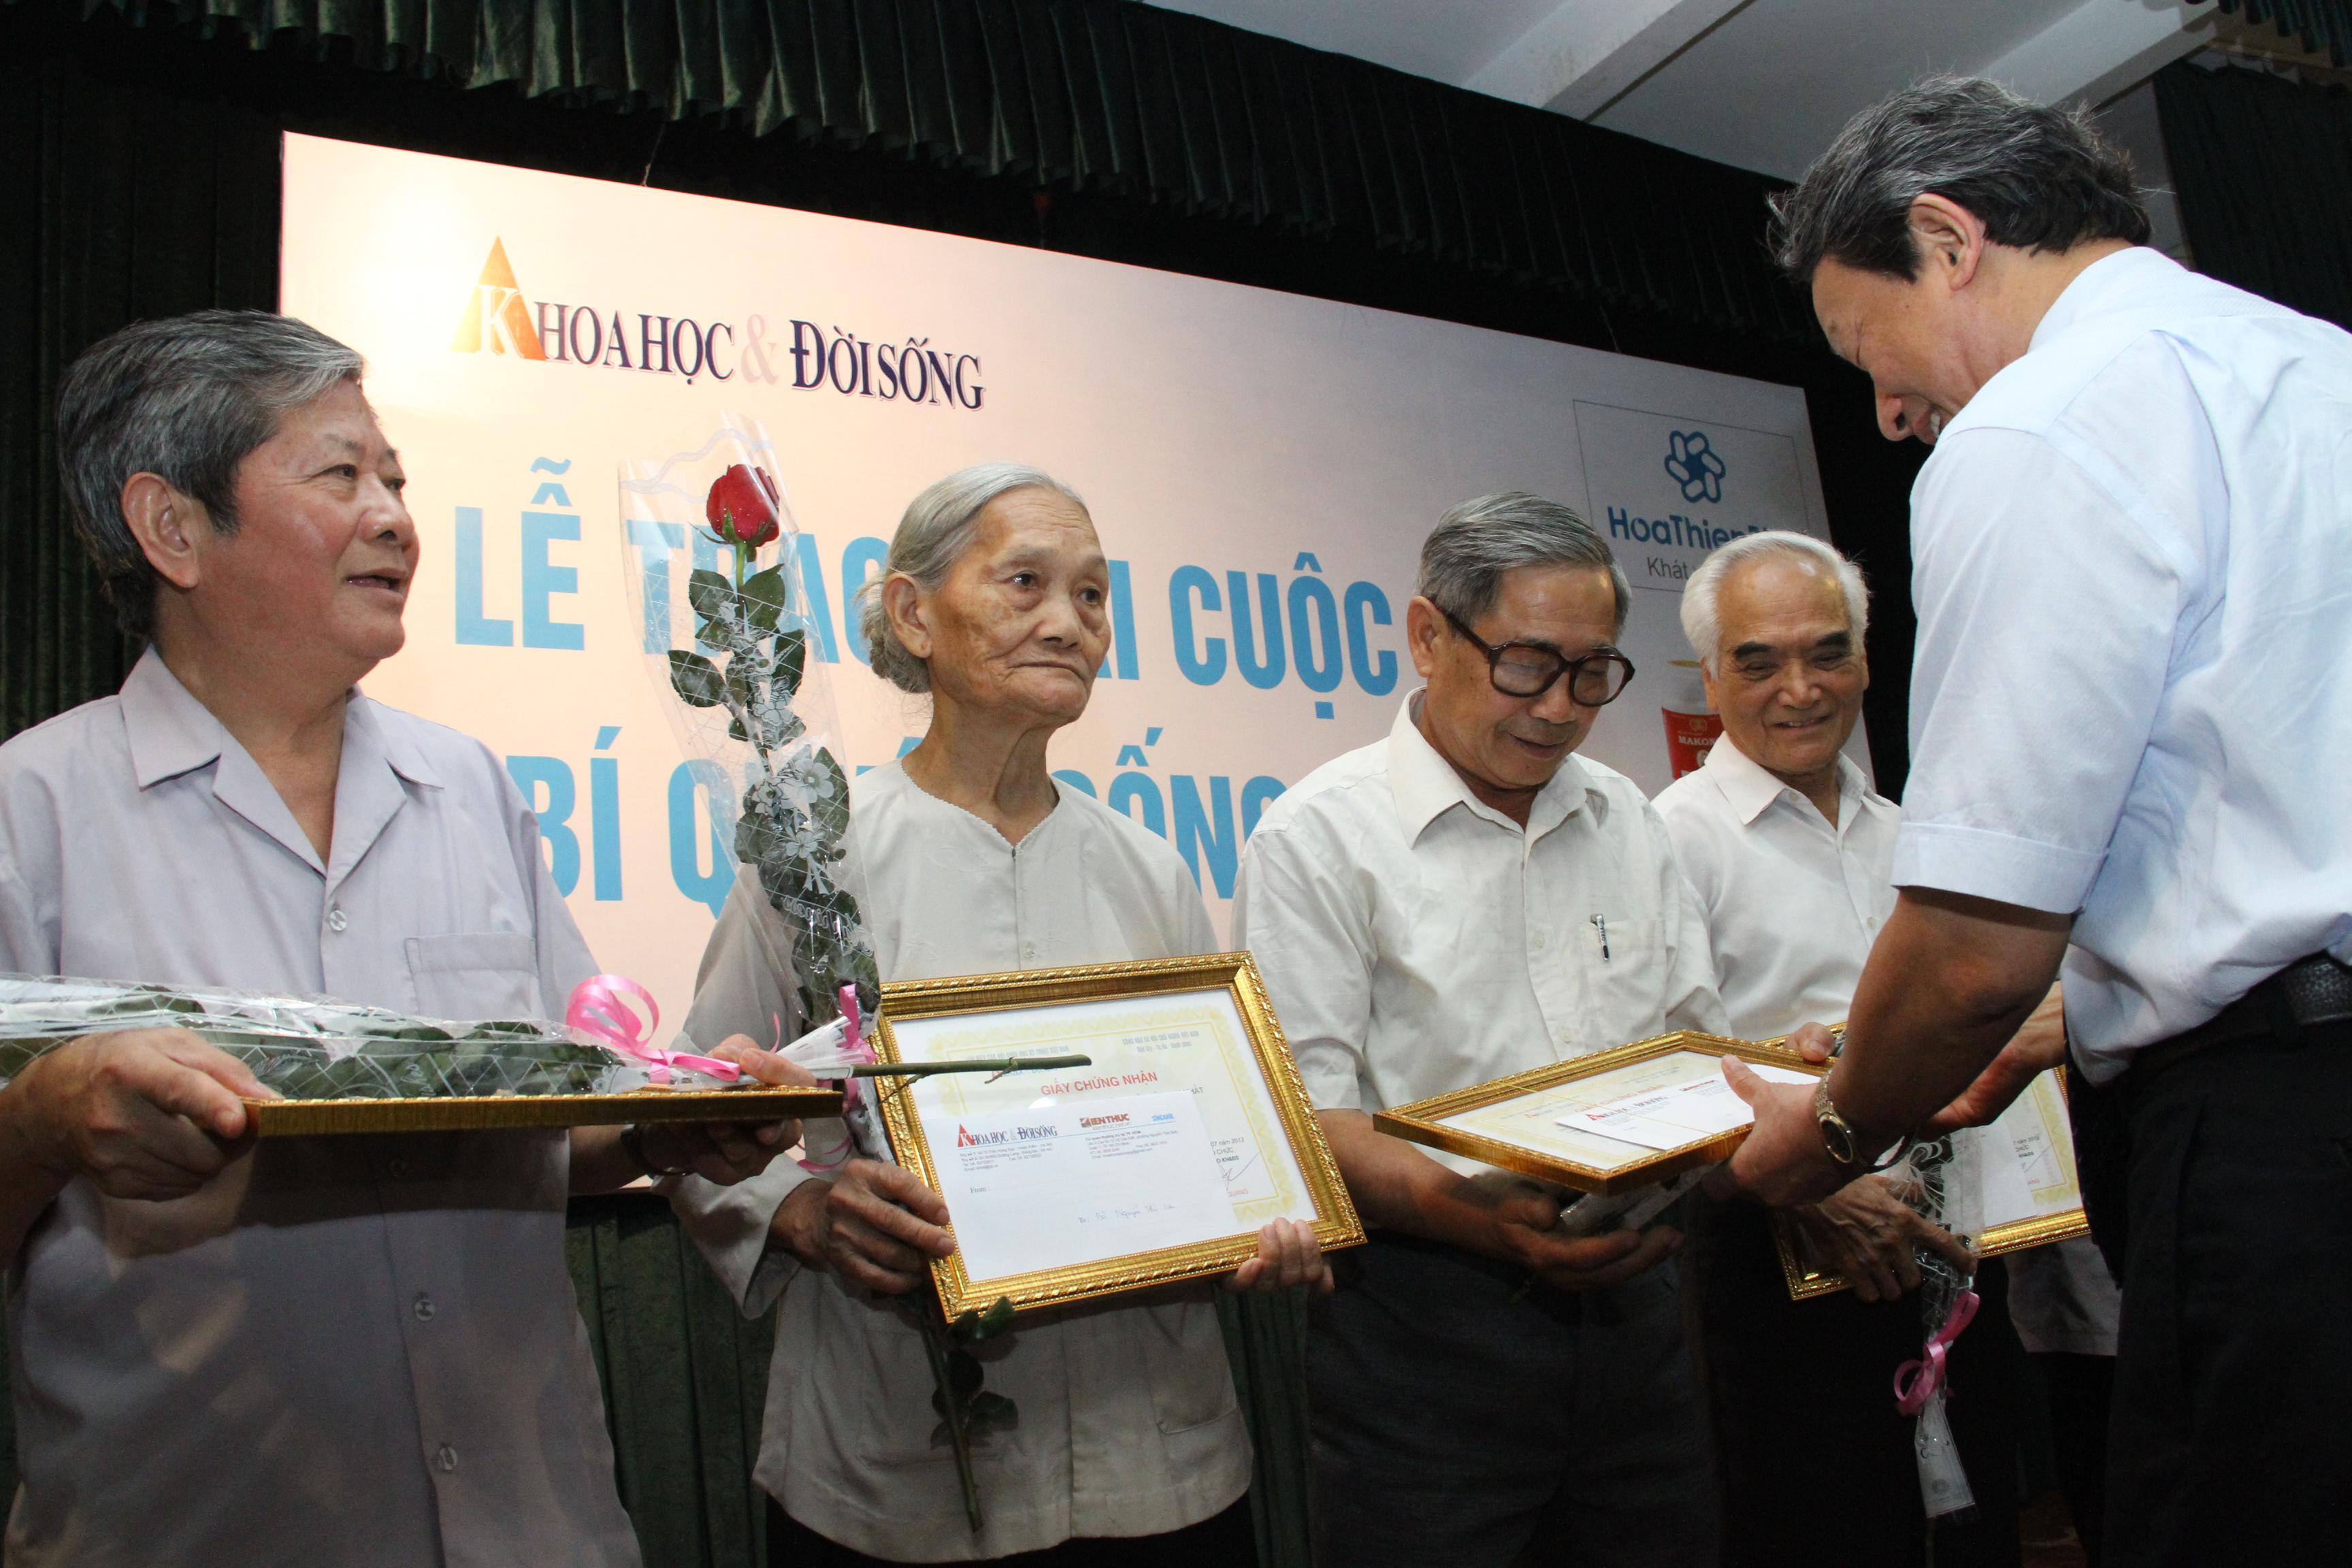 Các cụ nhận giải thưởng khi viết về kinh nghiệm sống của chính mình.